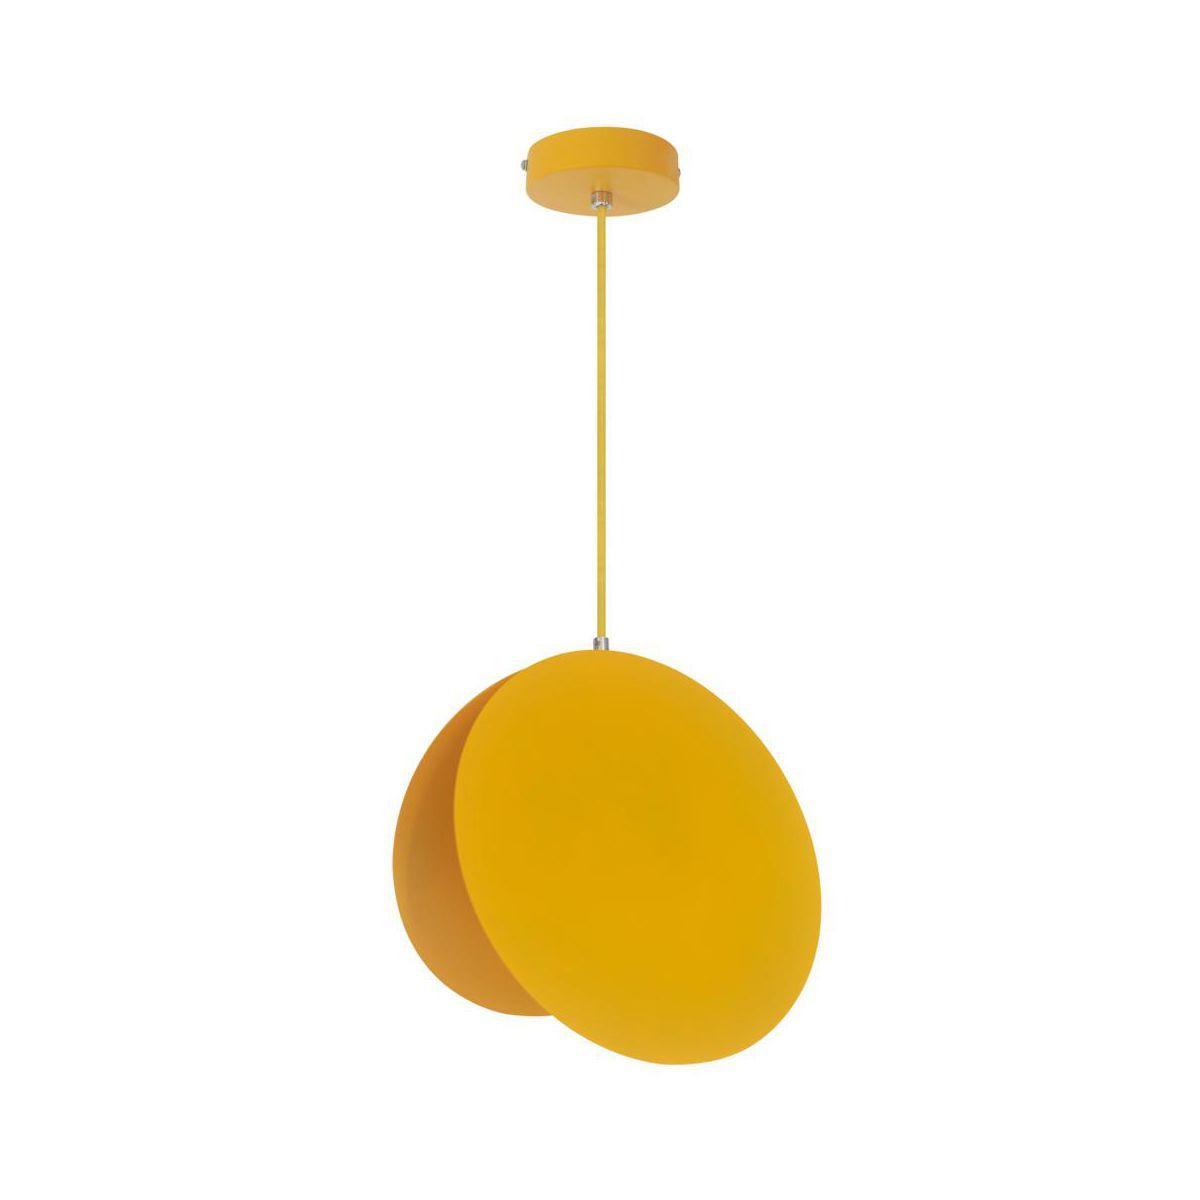 Zyrandol Meota Inspire Lampy Sufitowe Zyrandole Plafony W Atrakcyjnej Cenie W Sklepach Leroy Merlin Lamp Home Decor Decor